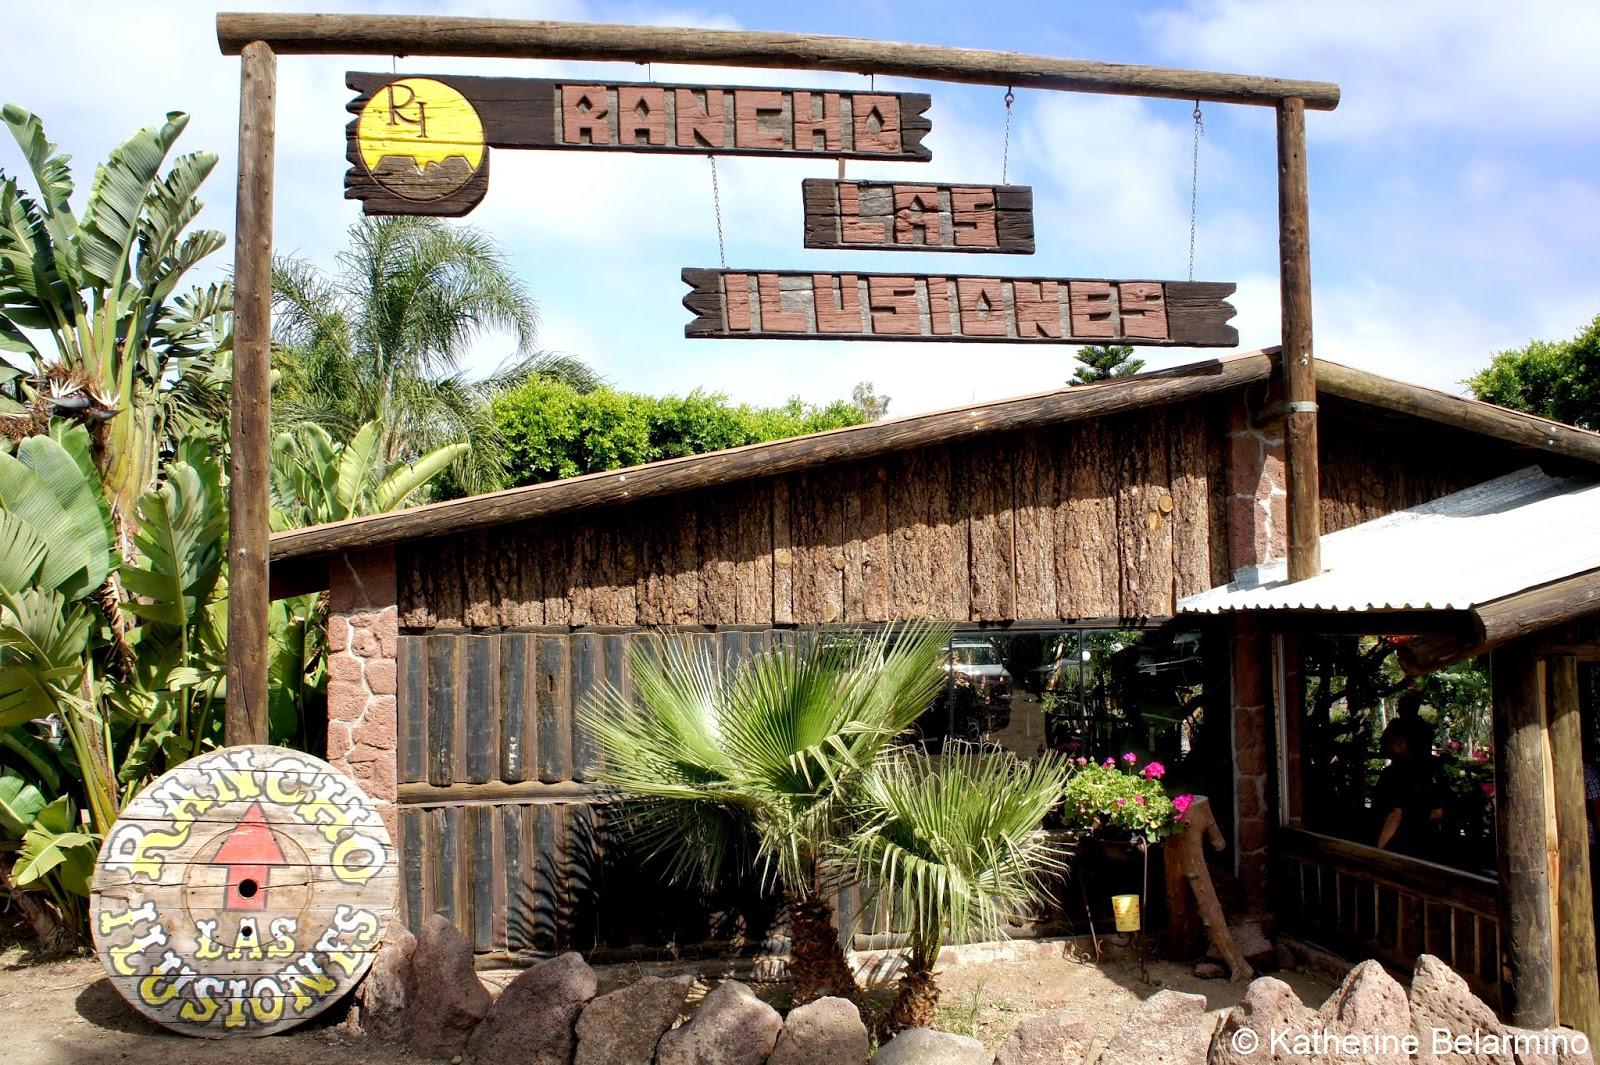 Rancho Las Ilusiones Rosarito Baja California Mexico